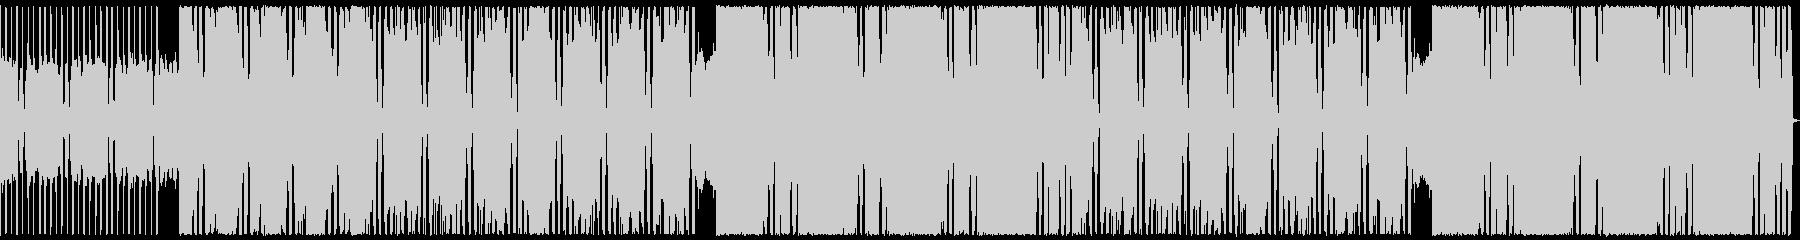 ワイルドなギターロックBGMの未再生の波形